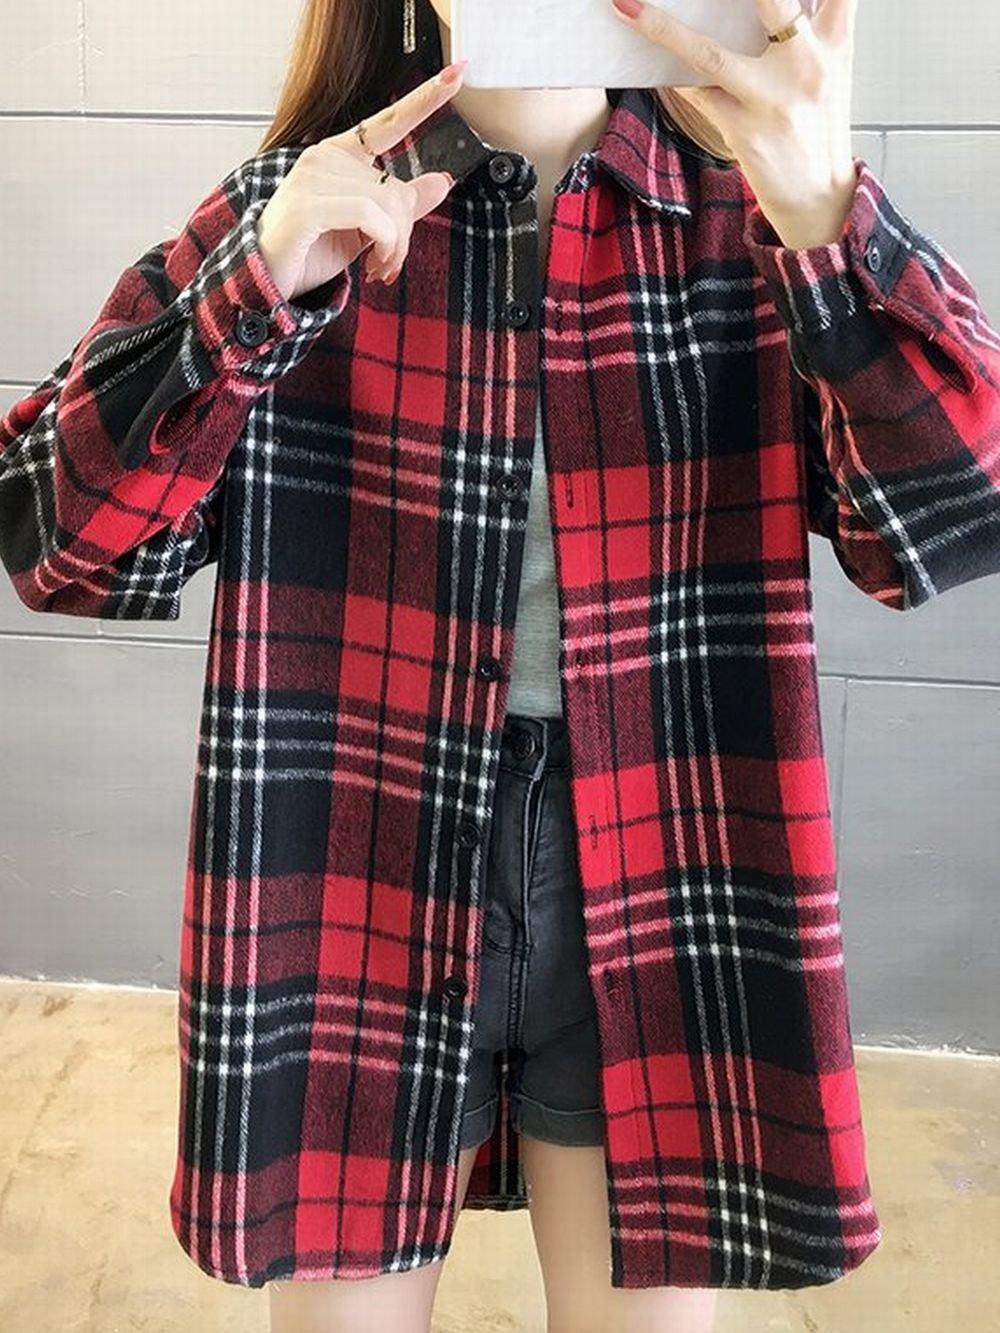 【広州仕入れ】ミドル丈チェック柄シャツ